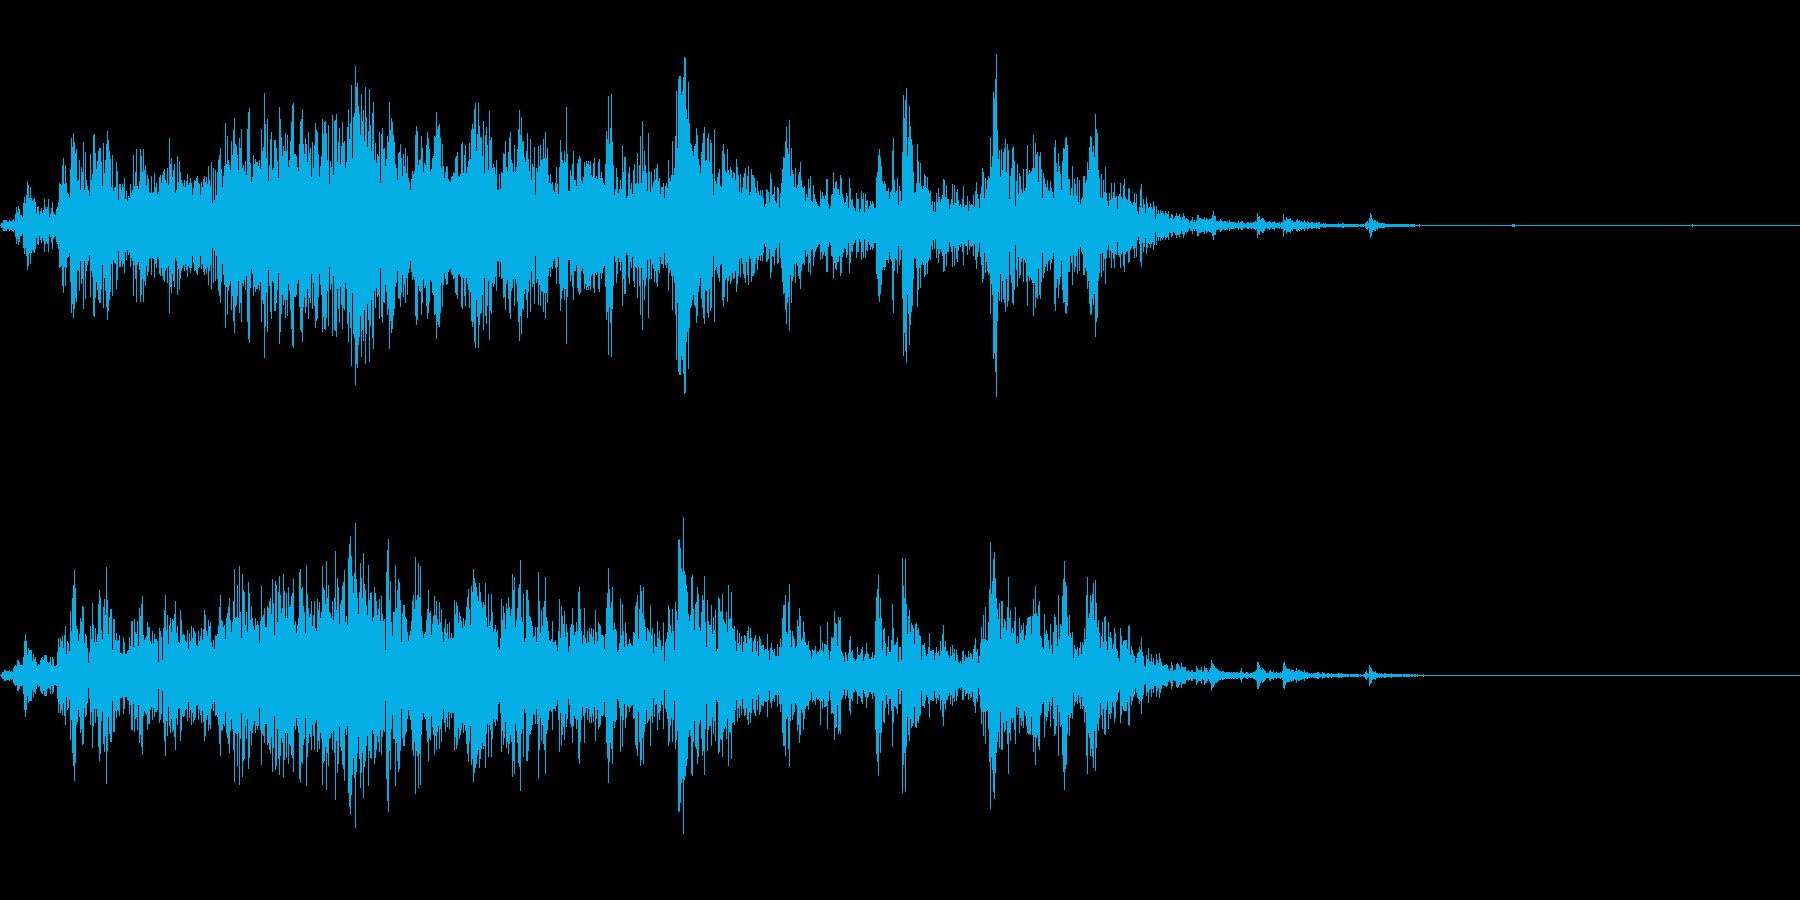 クーラーボックスから氷を取る音の再生済みの波形